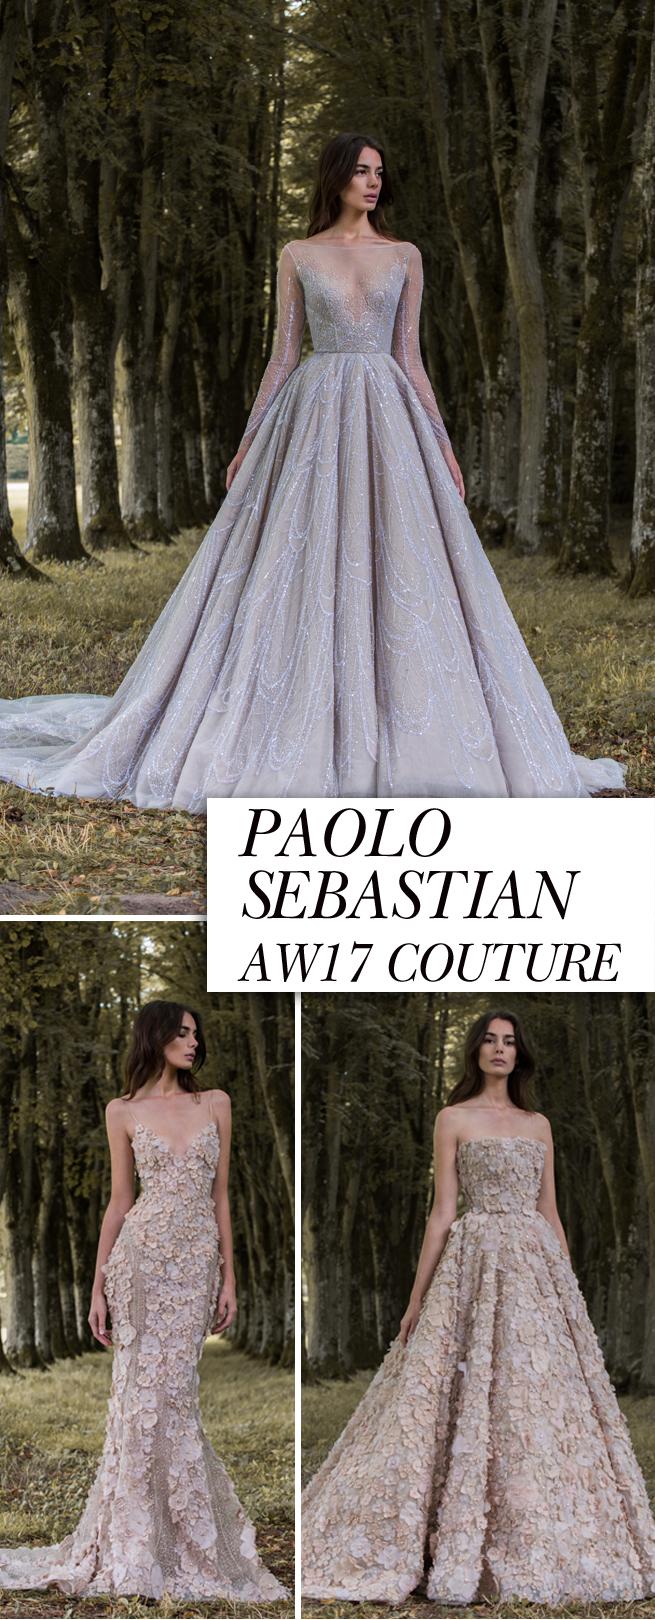 Paolo Sebastian